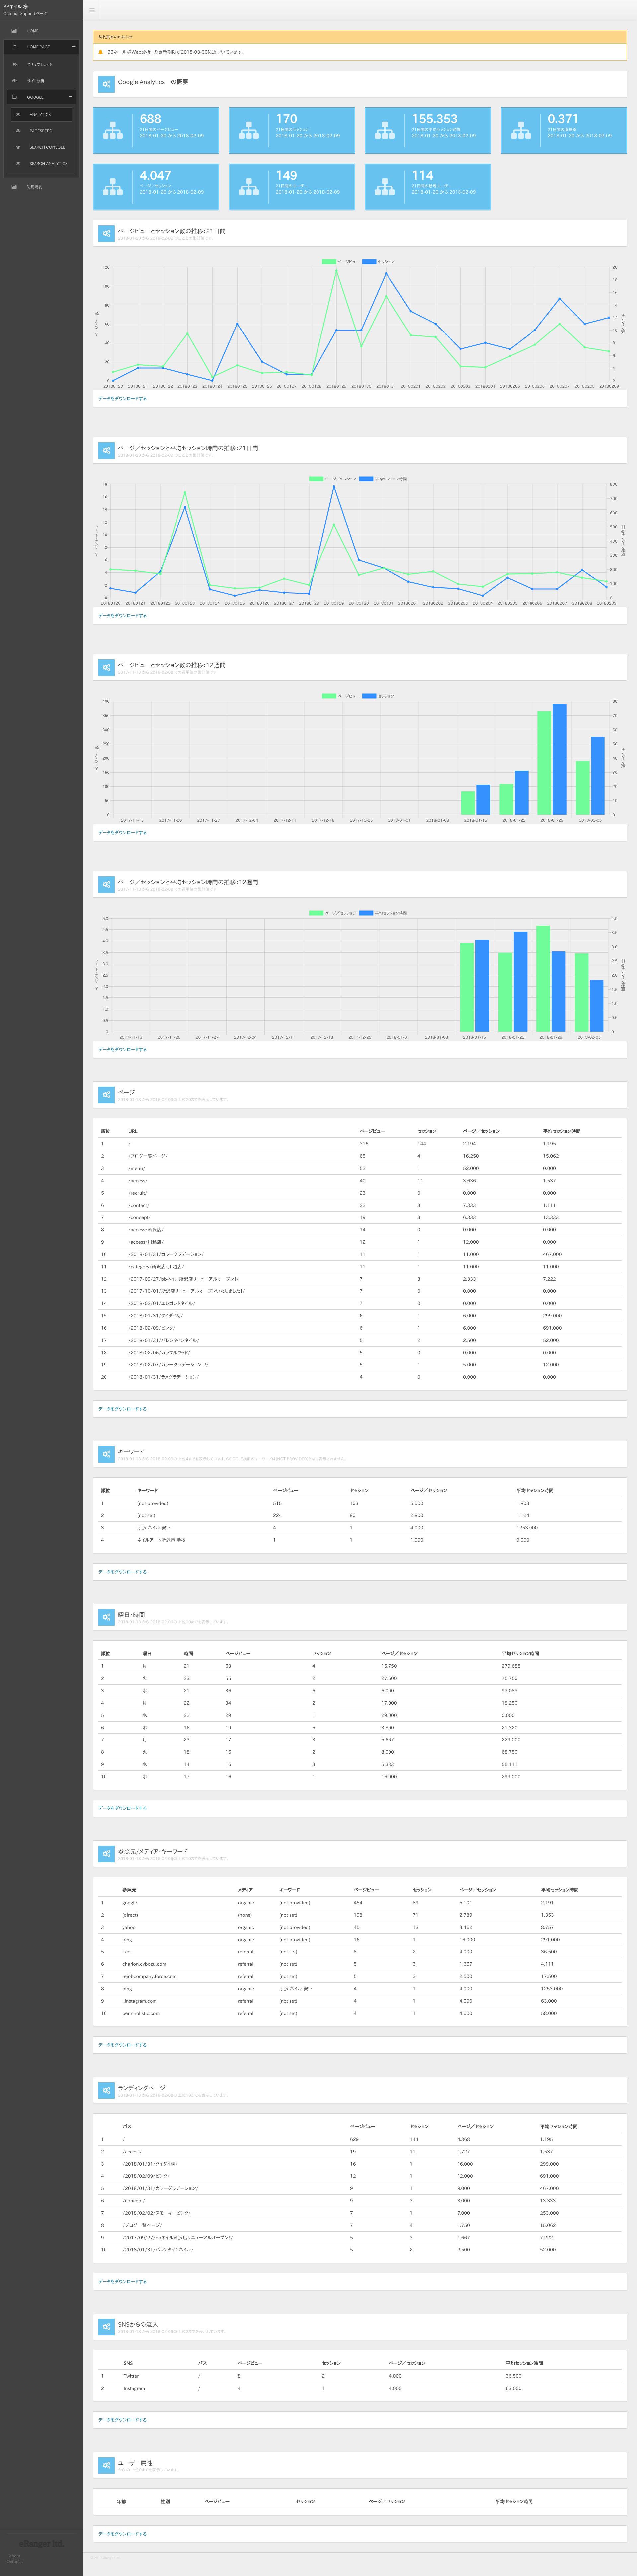 オクトパス・サポート Google Analytics イー・レンジャー株式会社